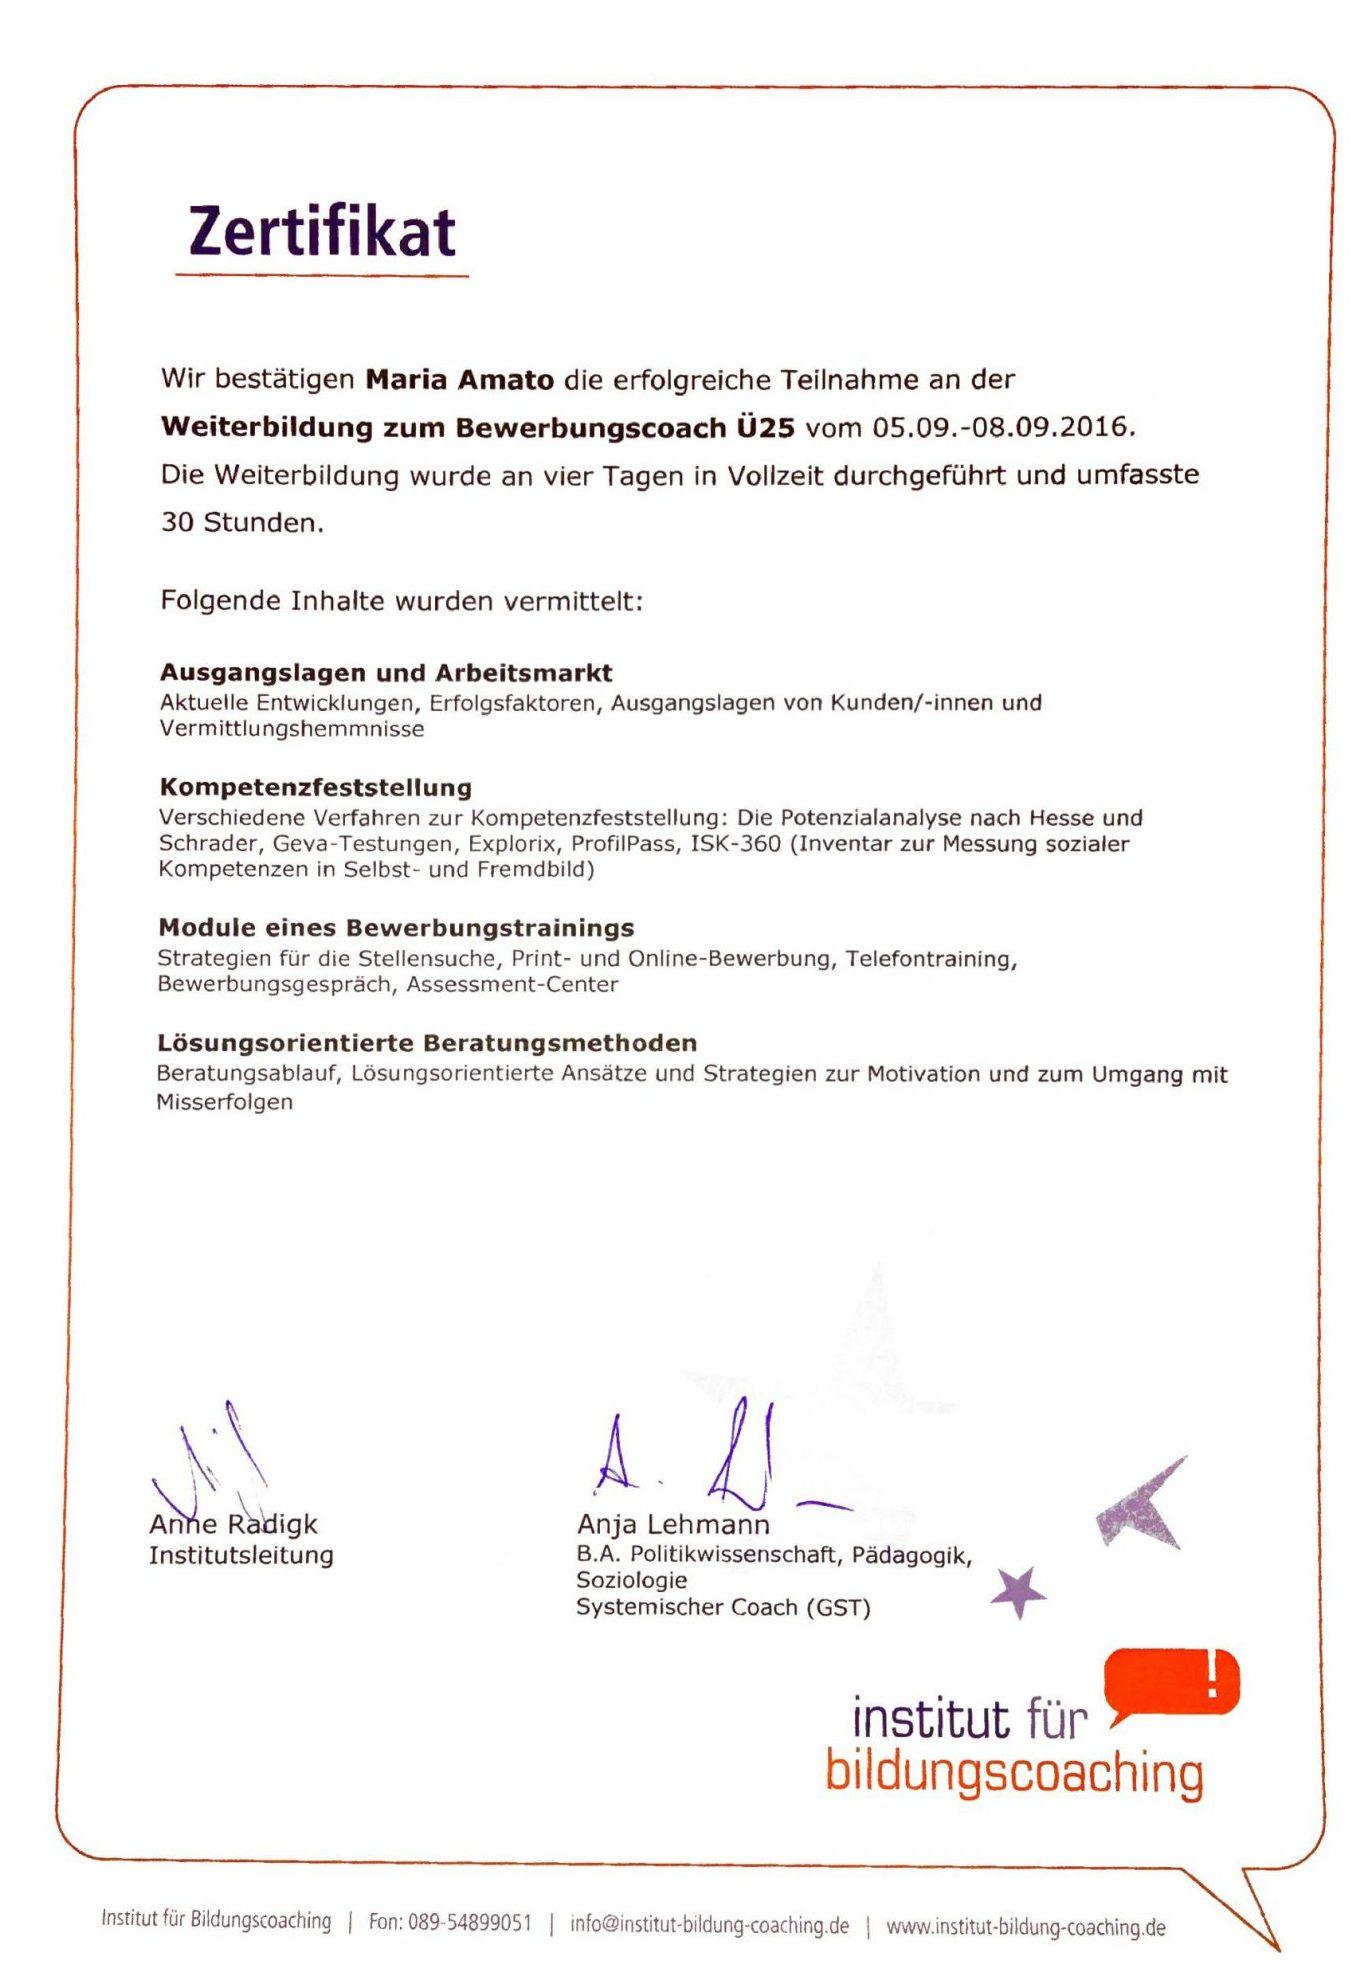 Zertifikat - Weiterbildung zum Bewerbungscoach Ü25